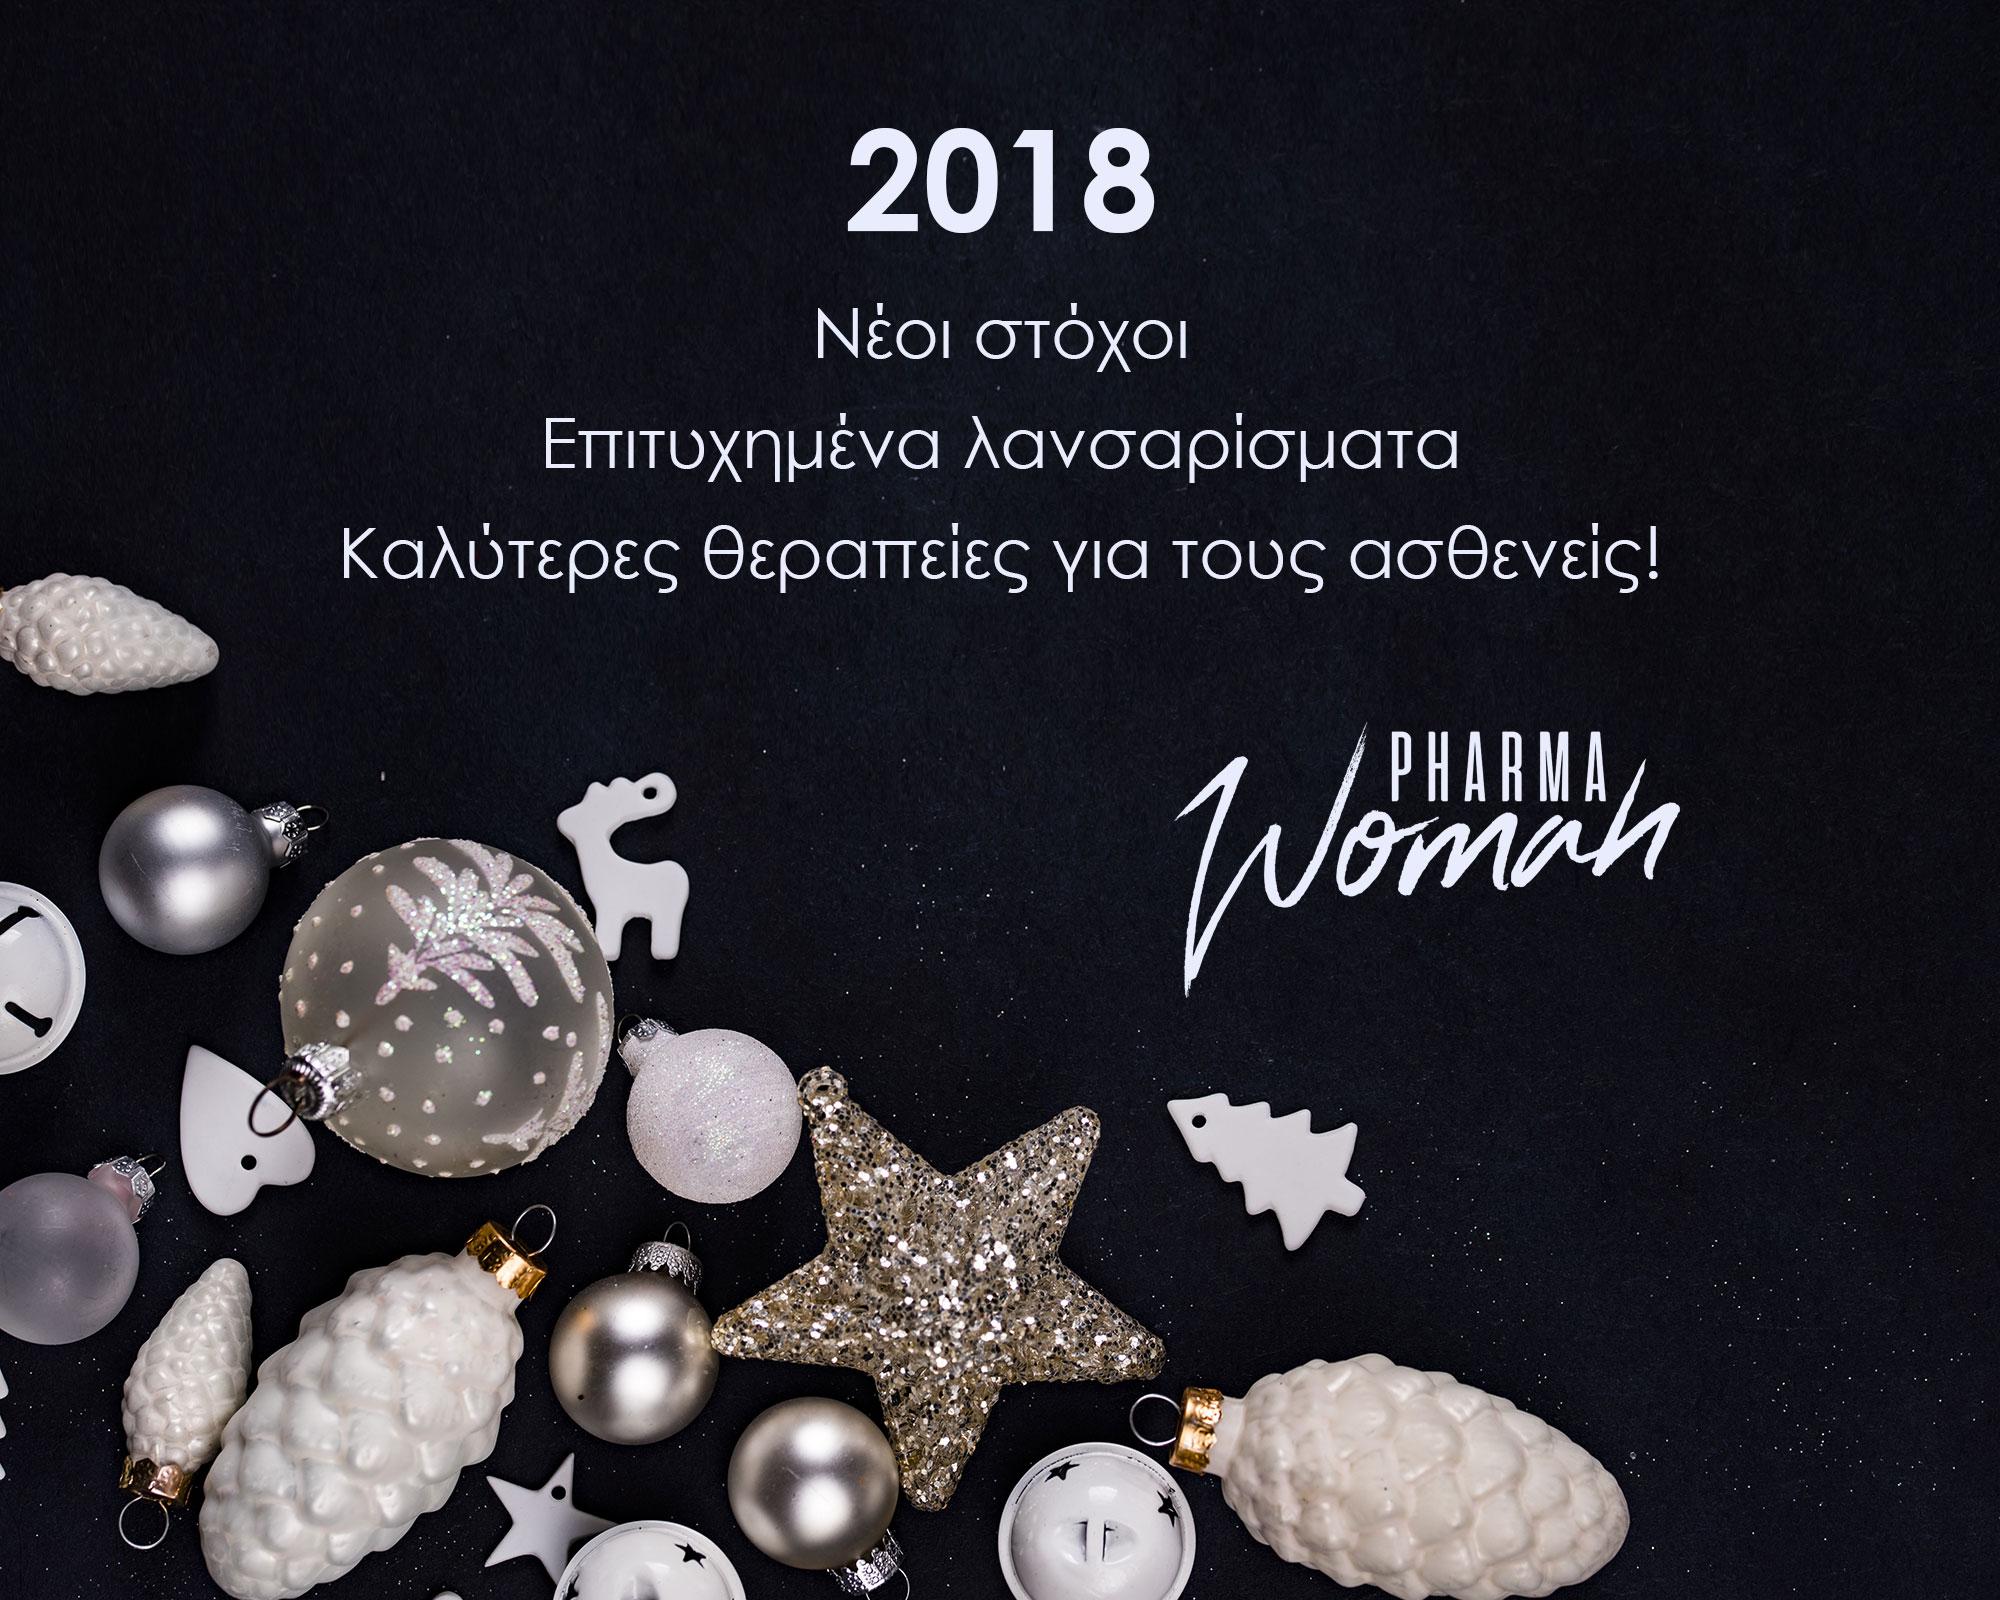 Η #pharmawoman σας εύχεται καλή χρονιά!